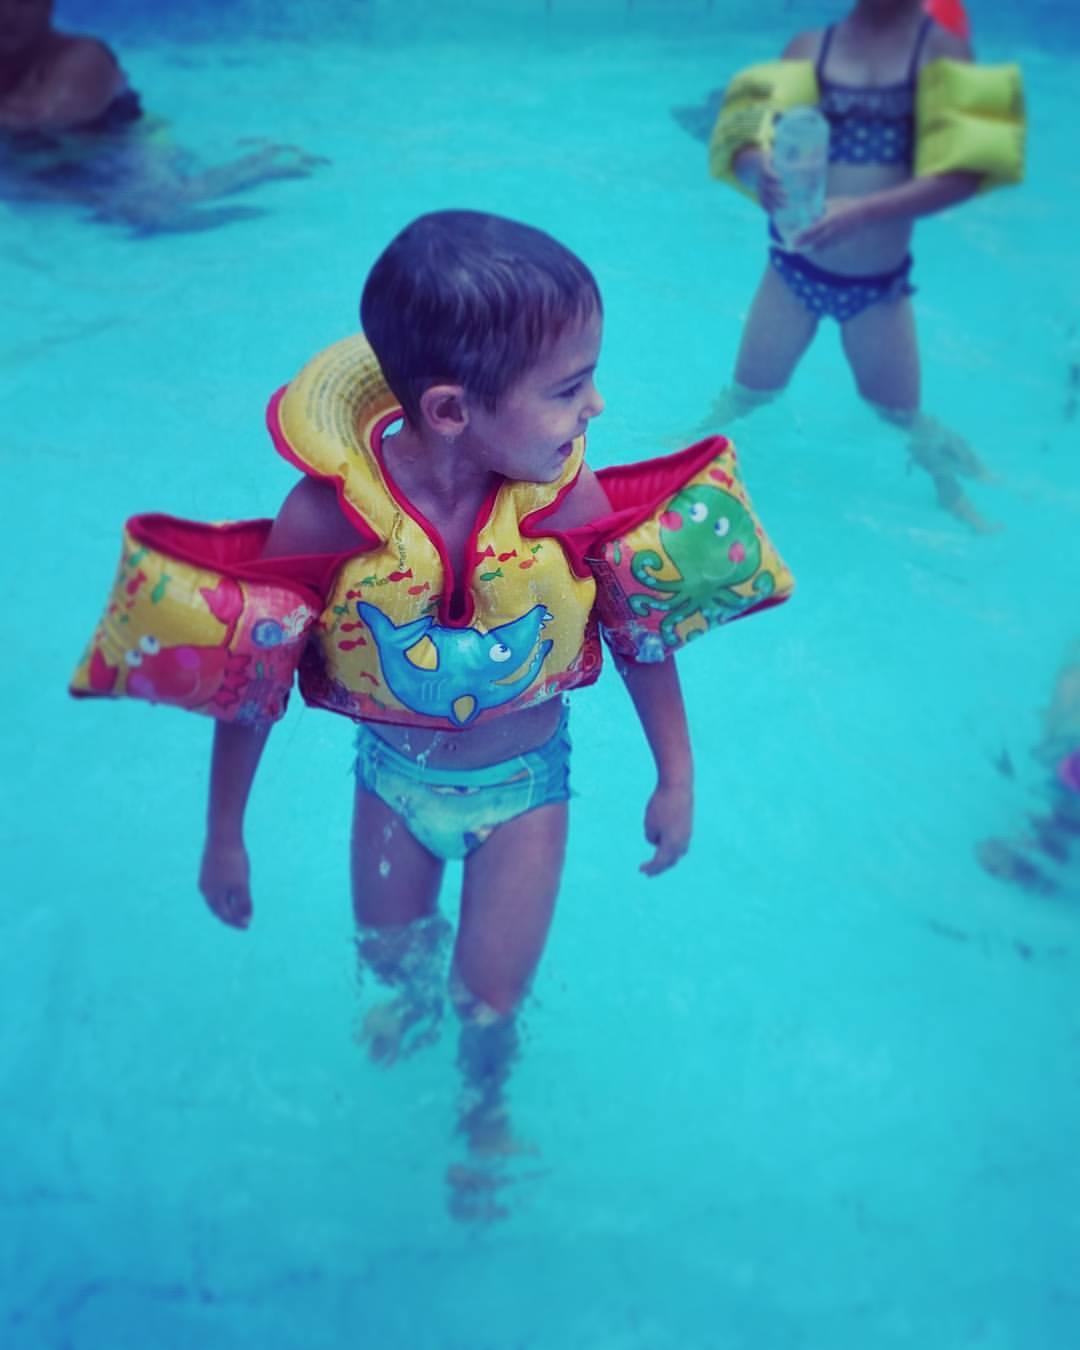 ככה נראה ילד מאושר בבריכה, צילום טלי בריל